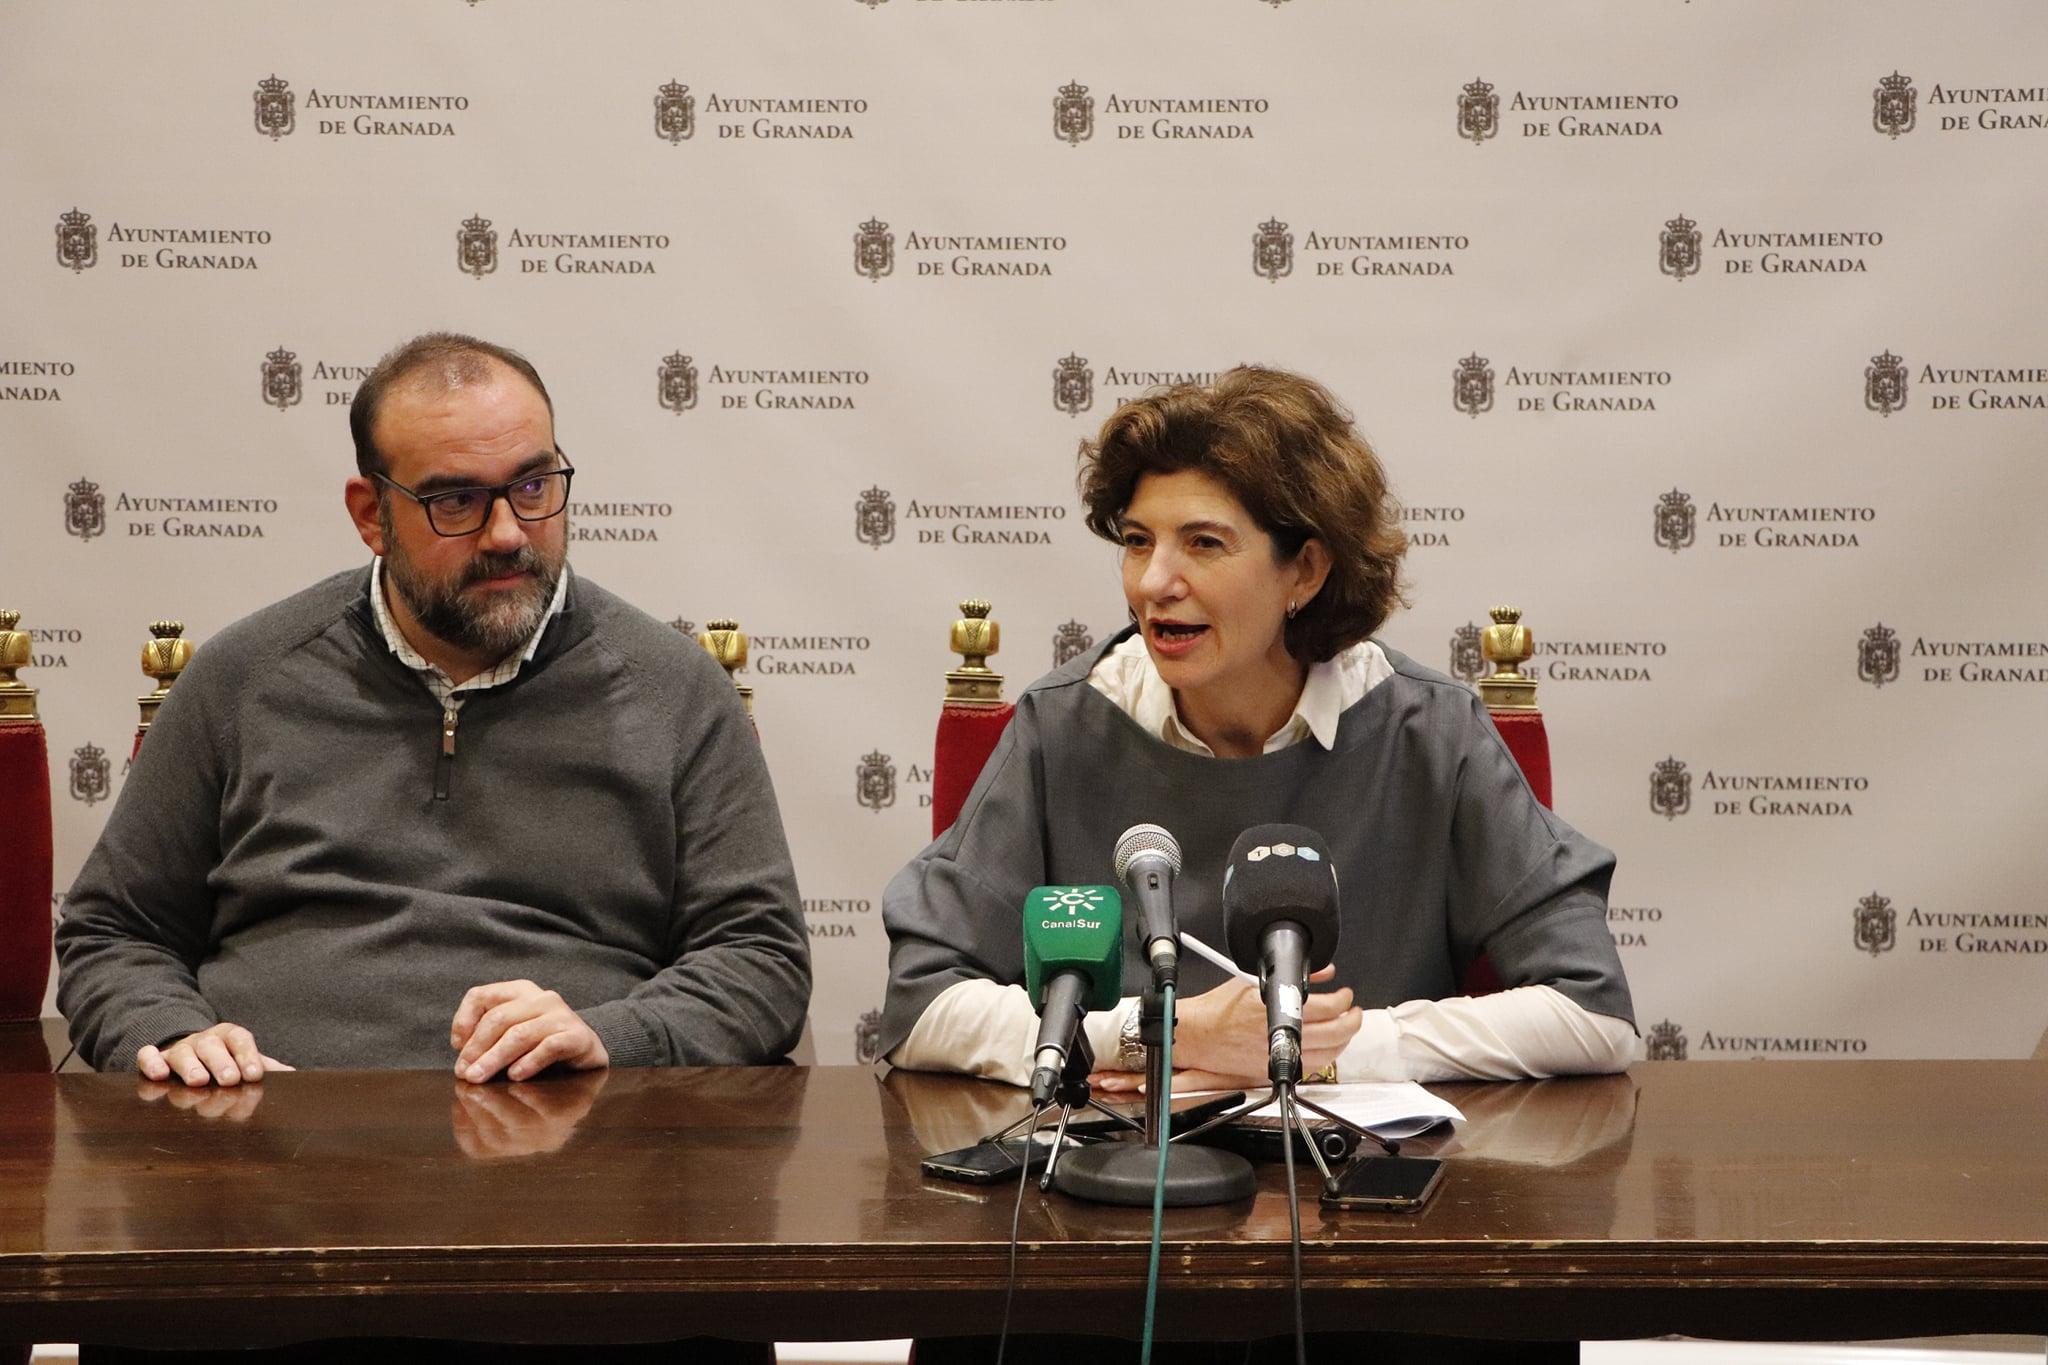 Podemos-IU acusa a Cuenca de «deslealtad por votar en contra de evitar la ruina» del Ayuntamiento